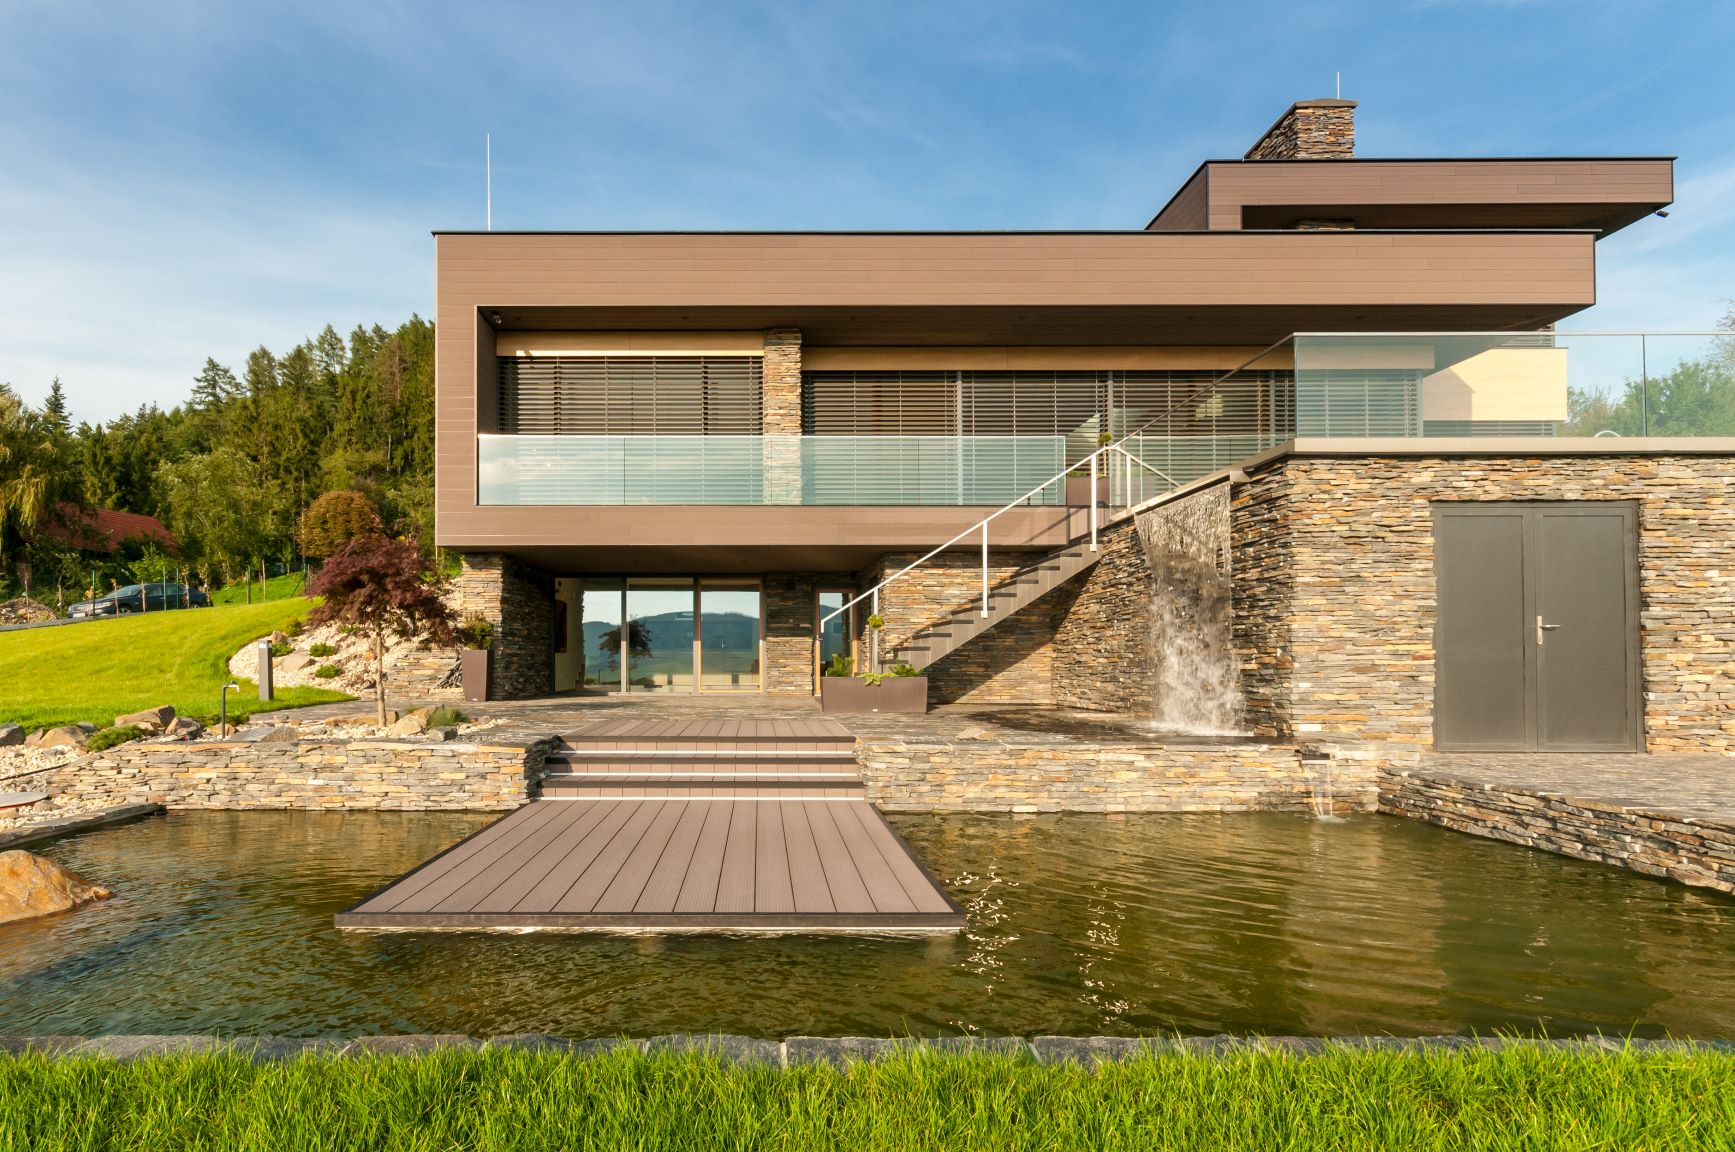 Moderný dom s kompozitným obložením fasády